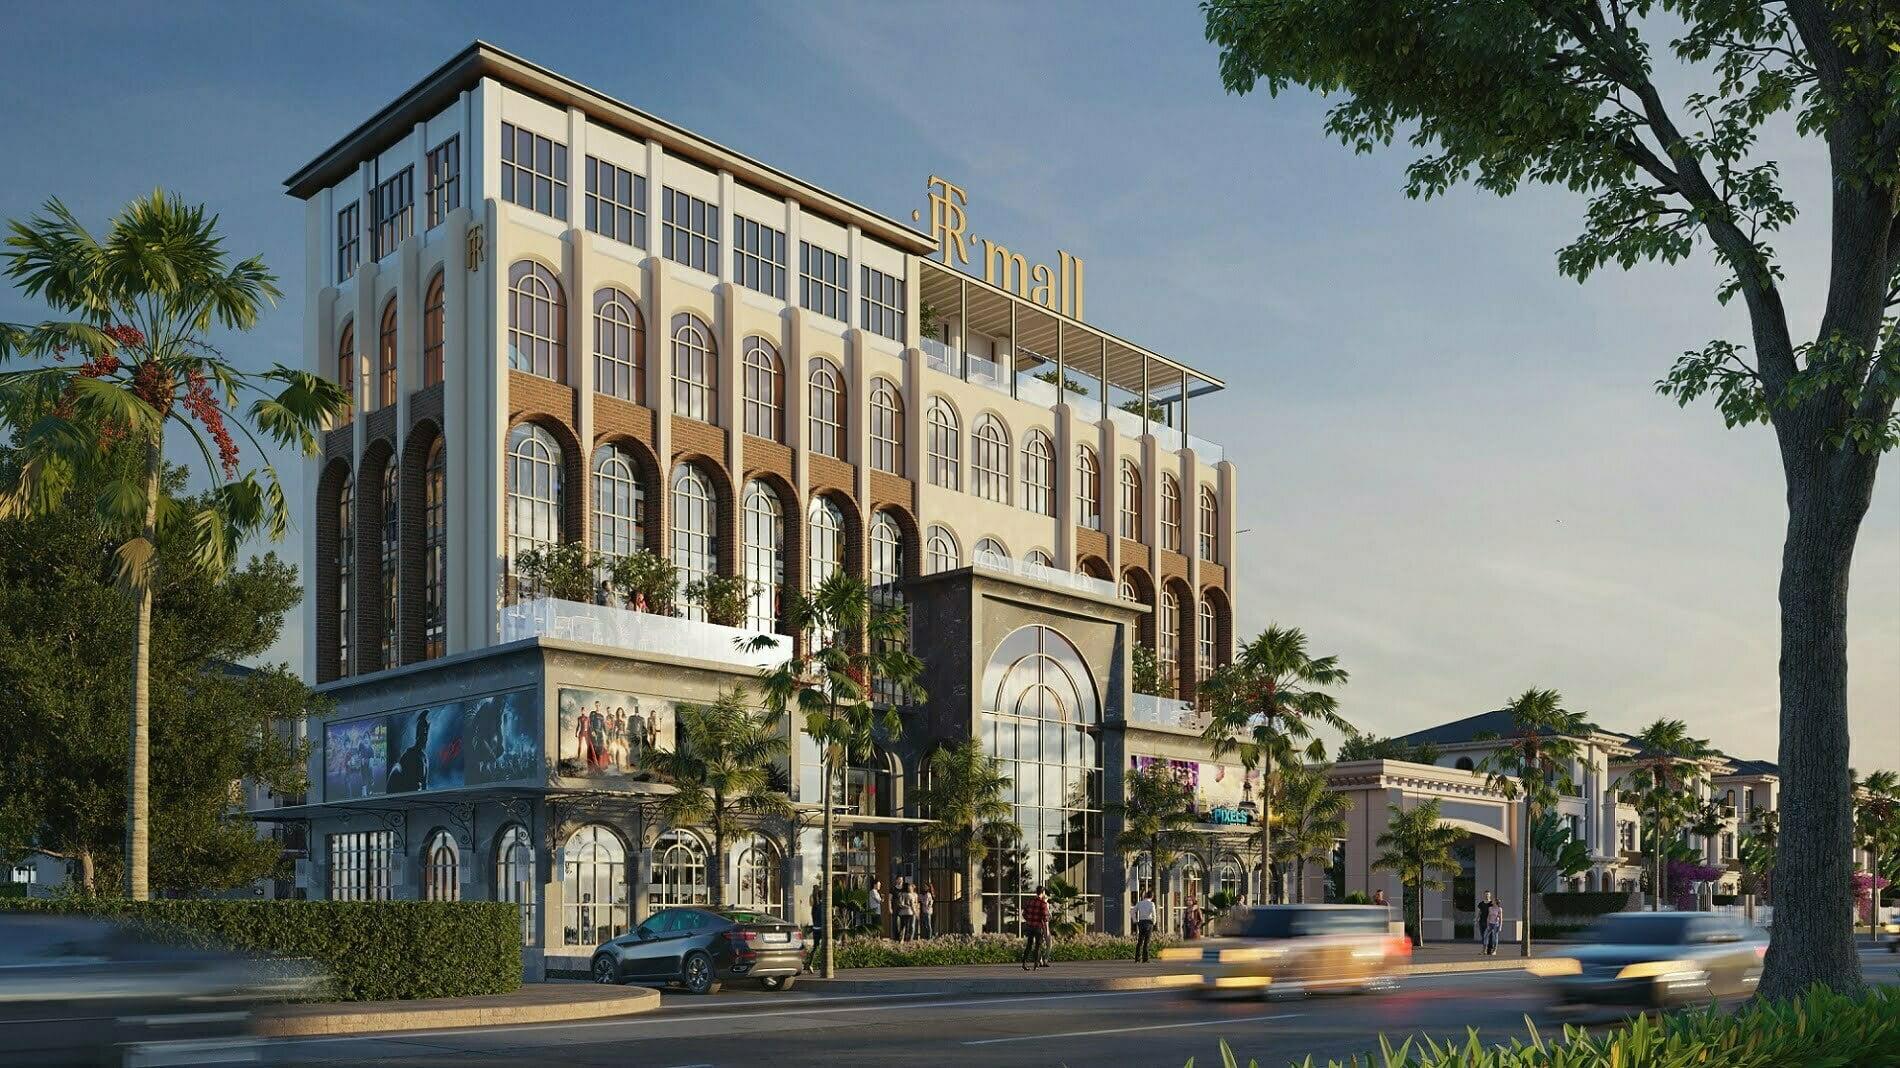 Trung tâm thương mại giải trí TR Mall thuộc dự án The Residence Phú Quốc